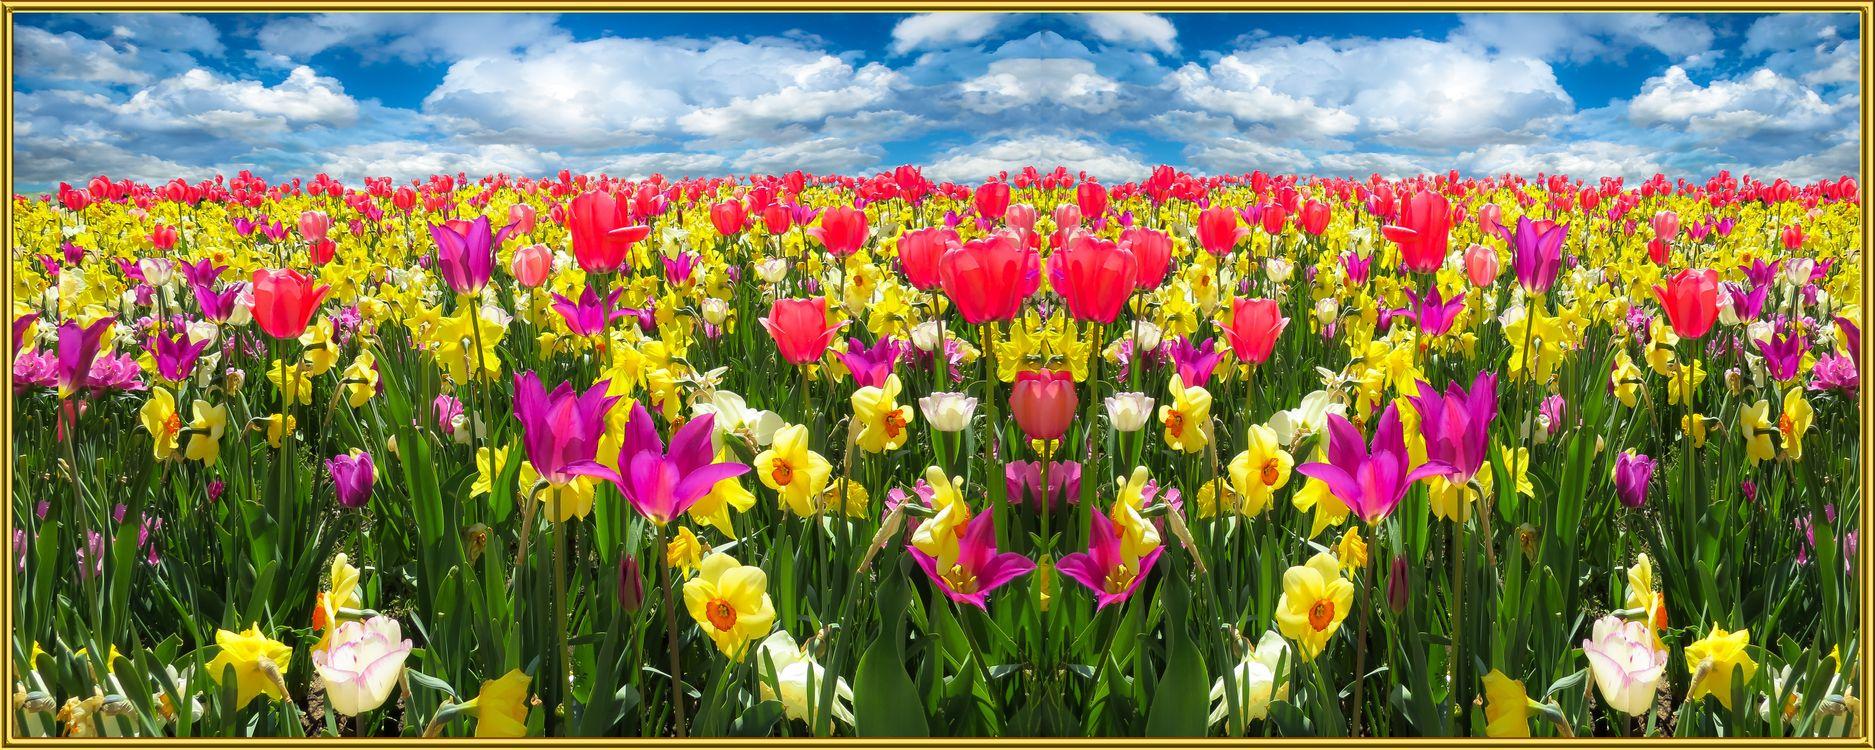 Фото бесплатно панорама, нарциссы, цветы - на рабочий стол